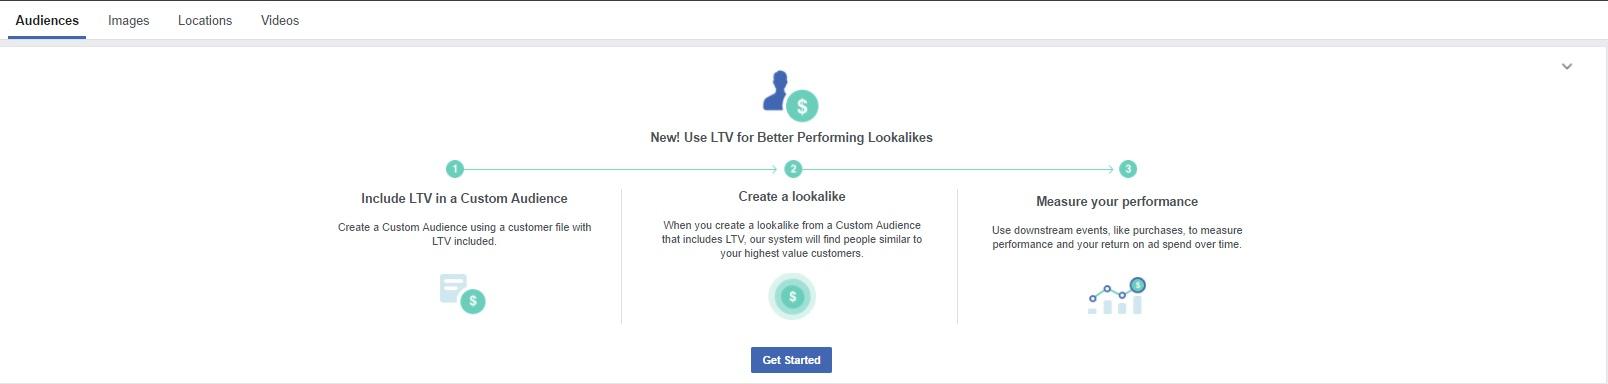 value-based lookalike audience